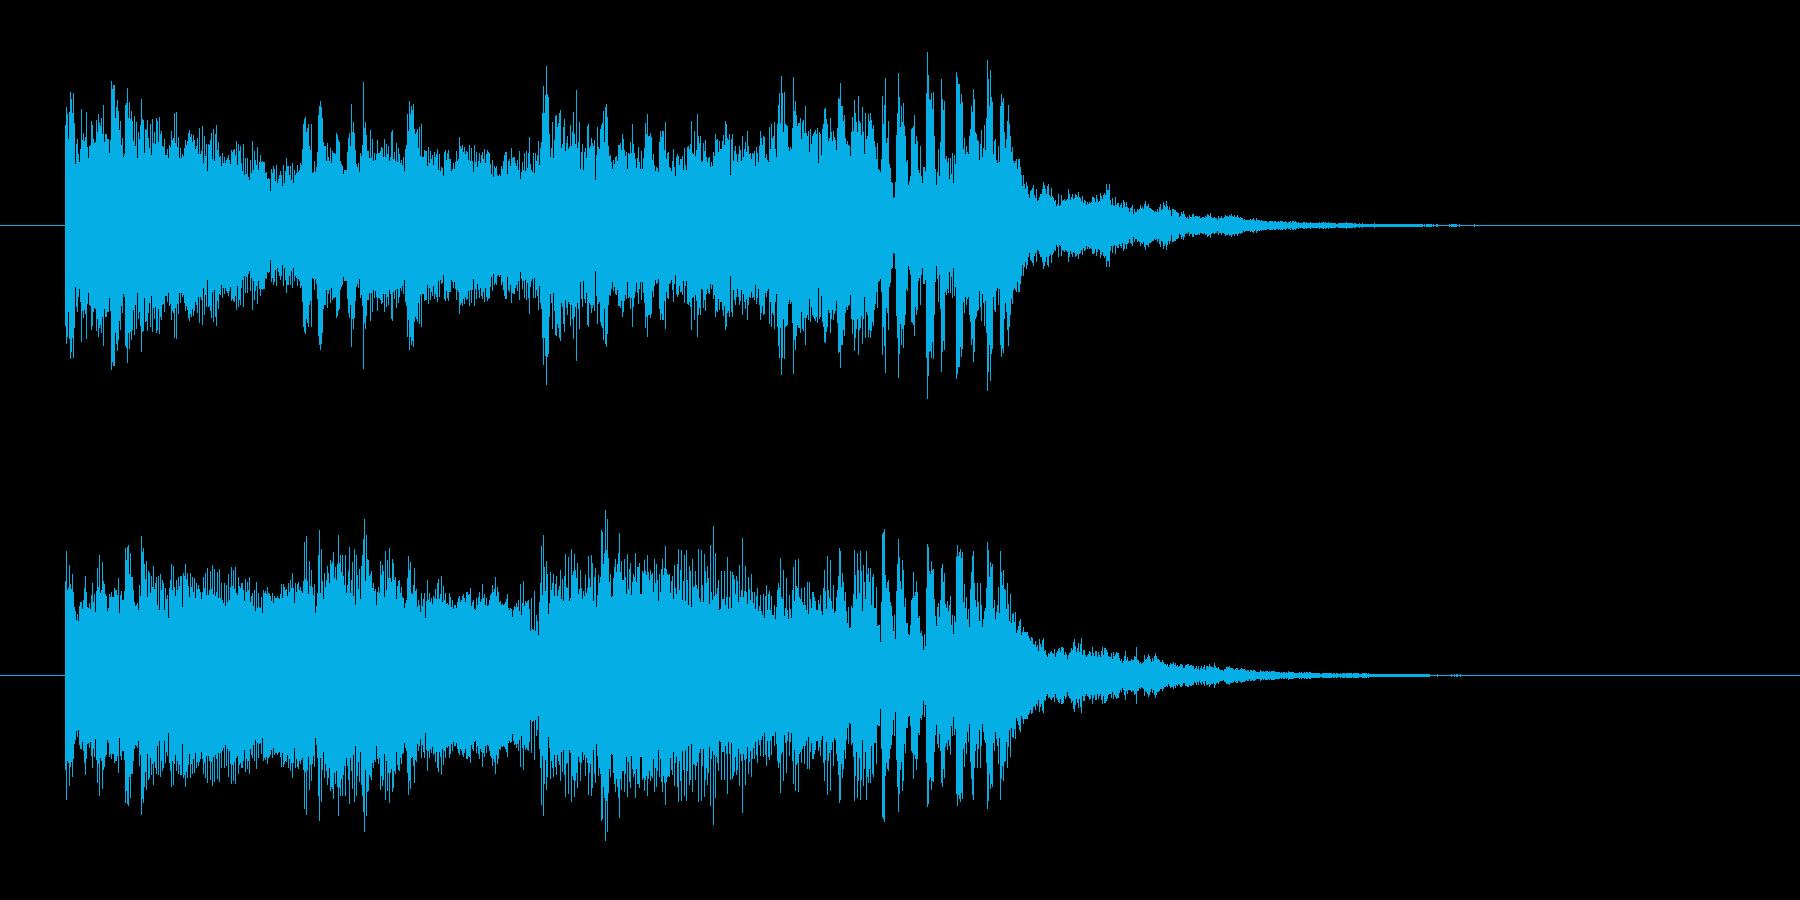 知的な印象のテクノポップスの再生済みの波形